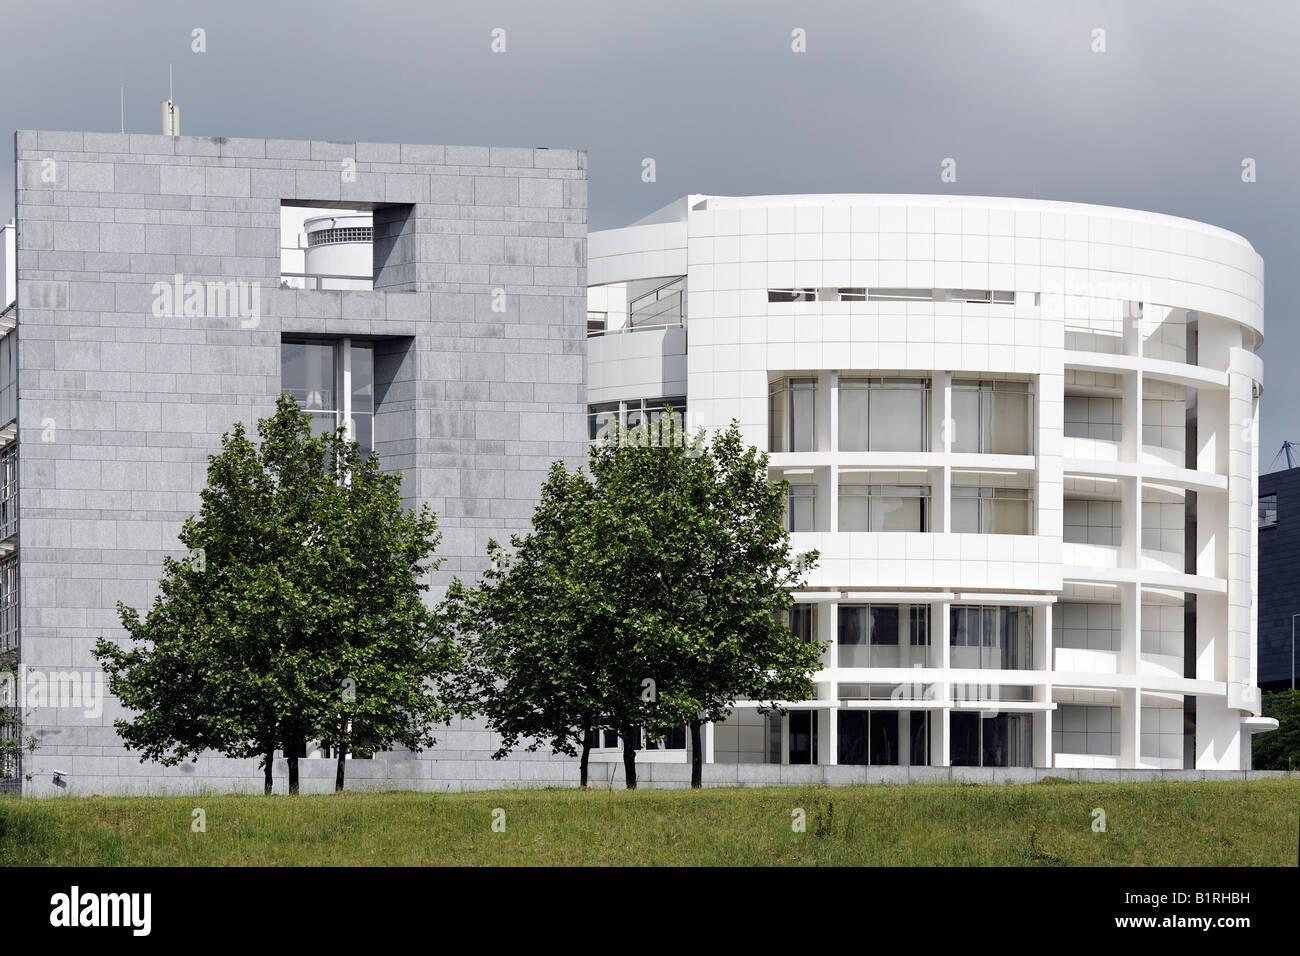 Architekt Luxemburg moderne hypobank gebäude entworfen architekt richard meier